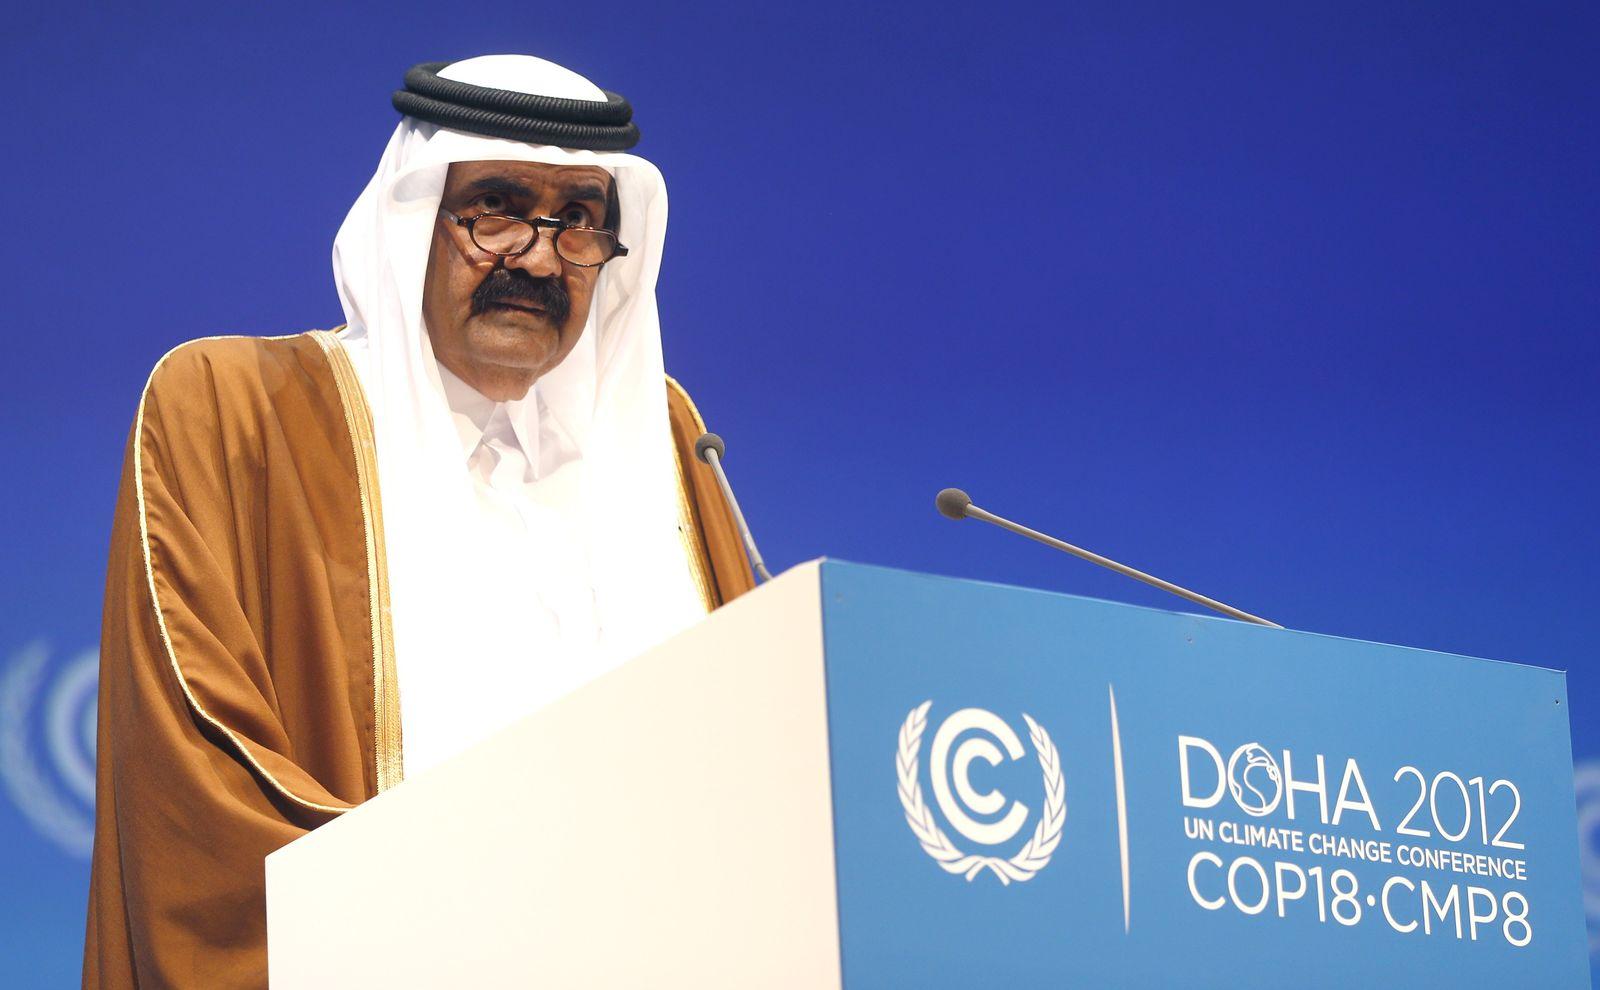 Emir / Doha / Umweltgipfel Qatar